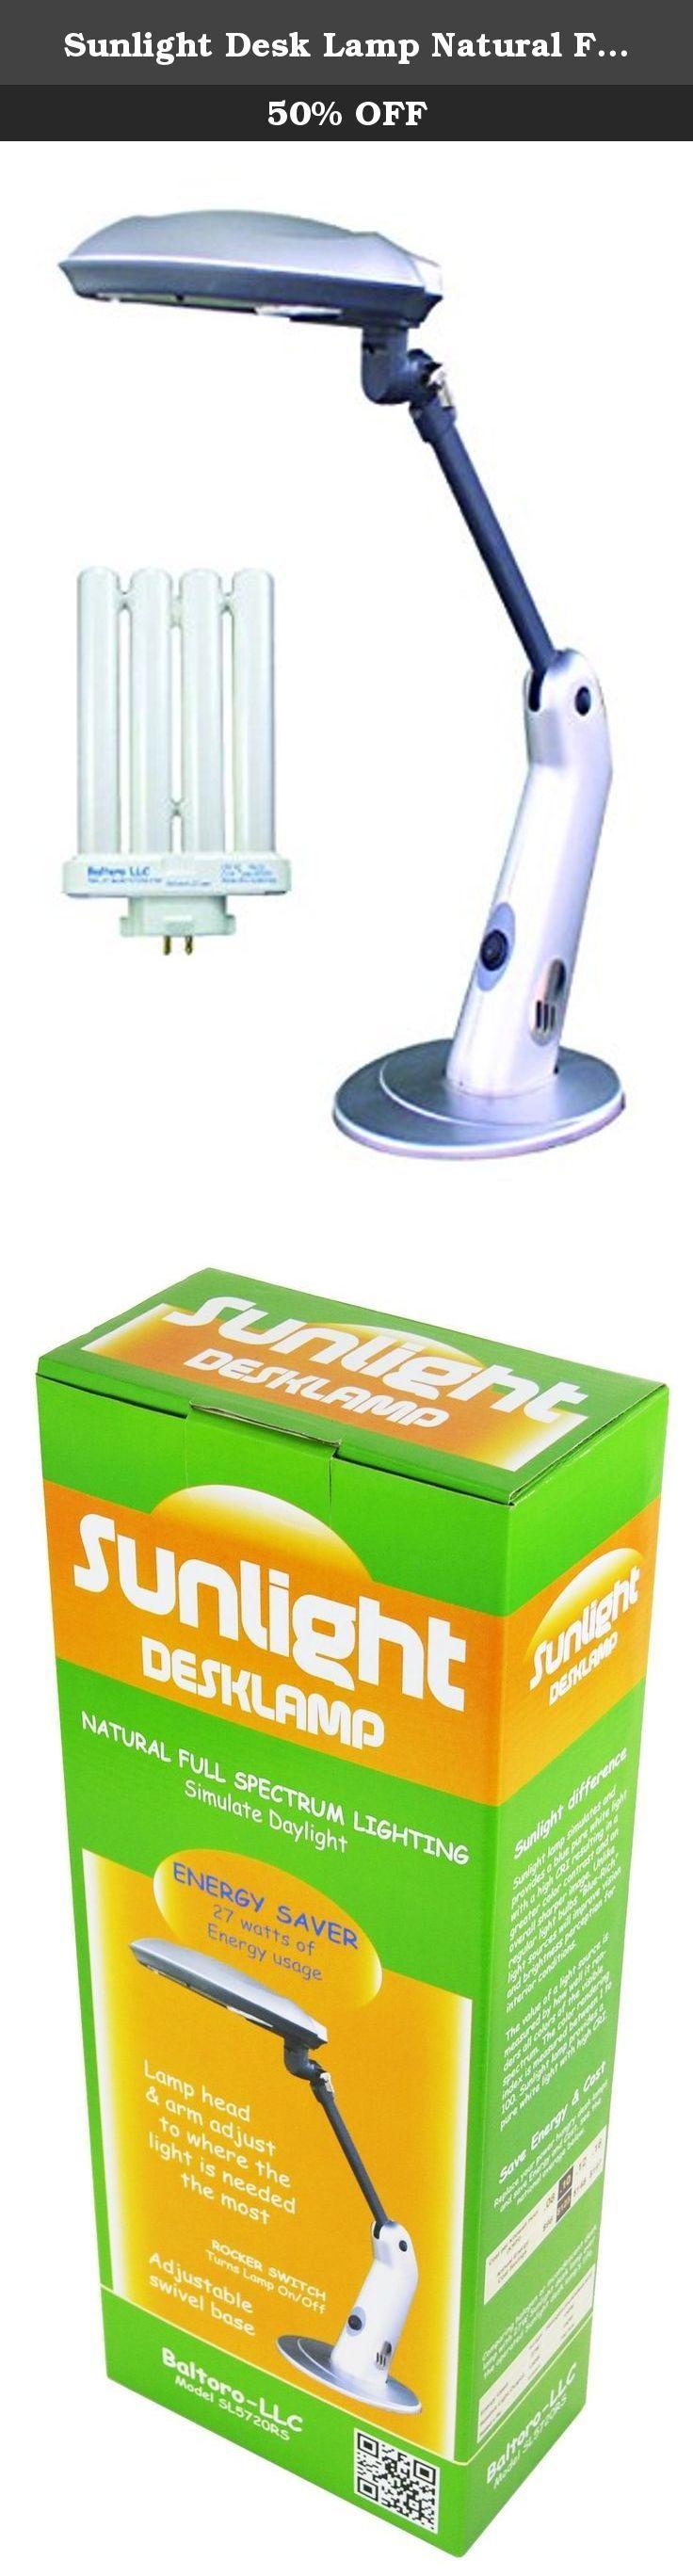 Sunlight Desk Lamp Natural Full Spectrum Sun Light ...